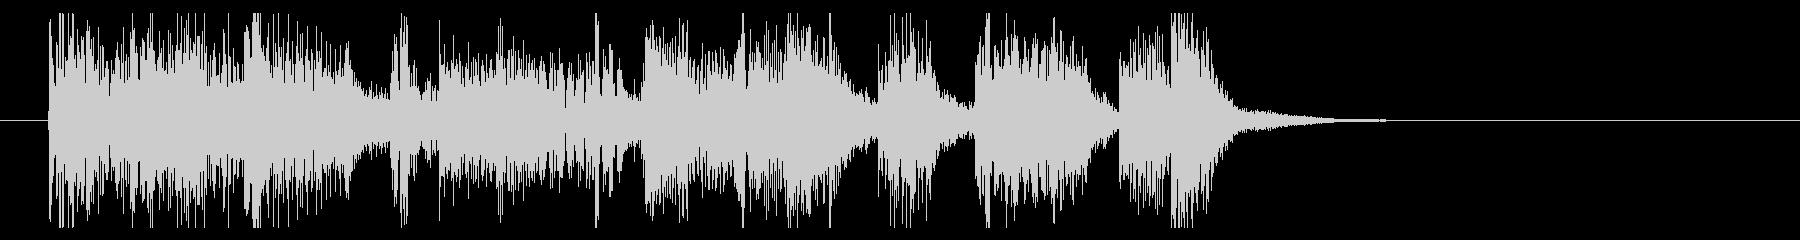 ヘヴィーでファンクなジングルの未再生の波形